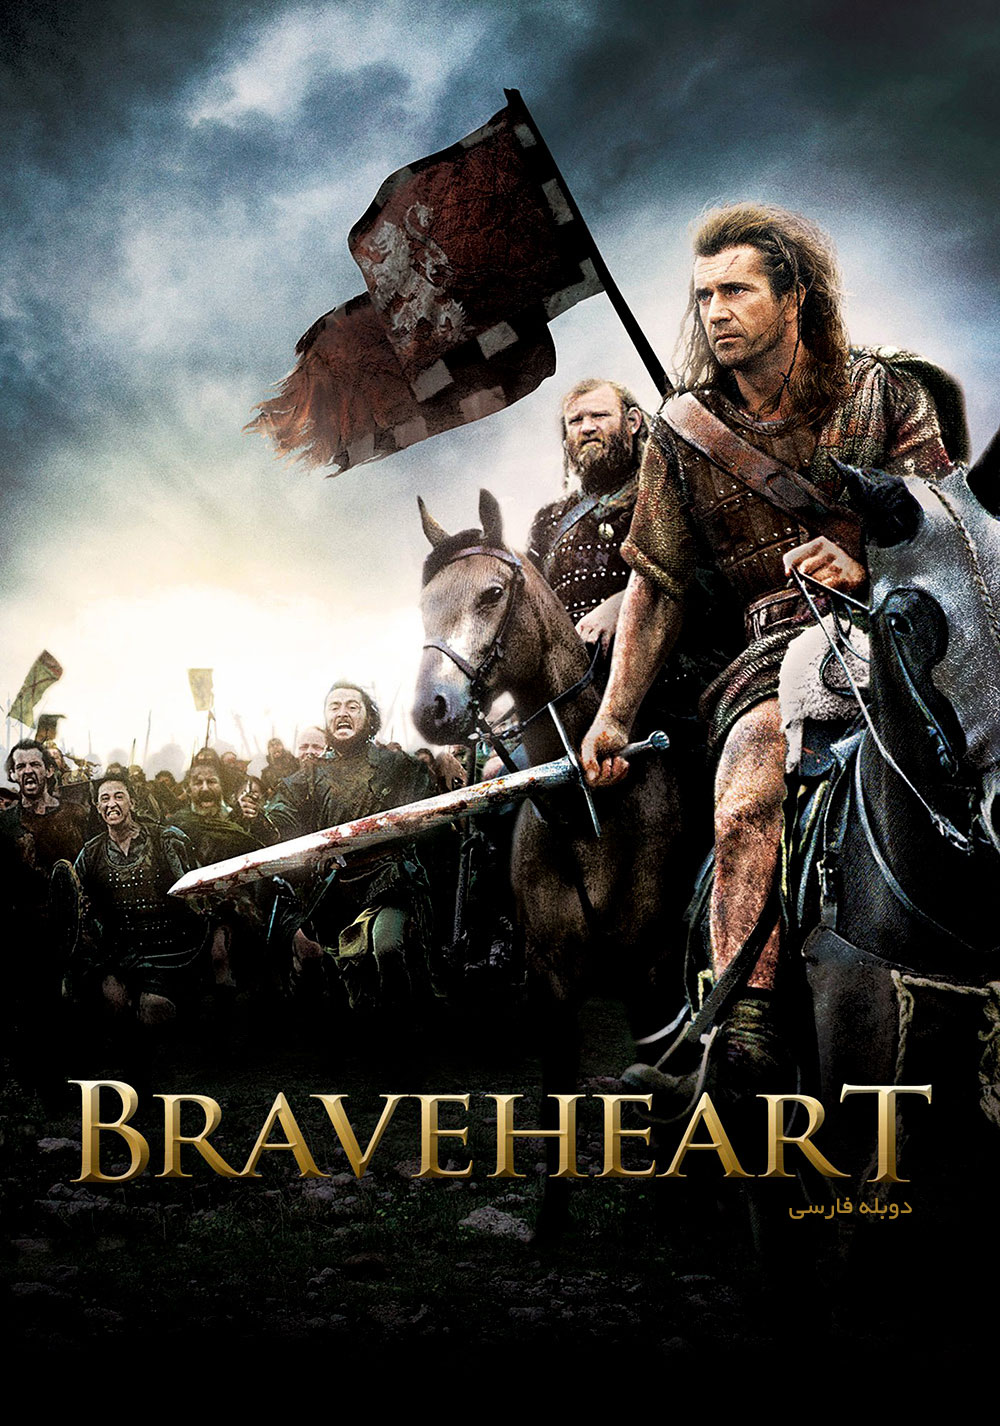 دانلود فیلم شجاع دل Braveheart - دانلود فیلم شجاع دل Braveheart دوبله فارسی